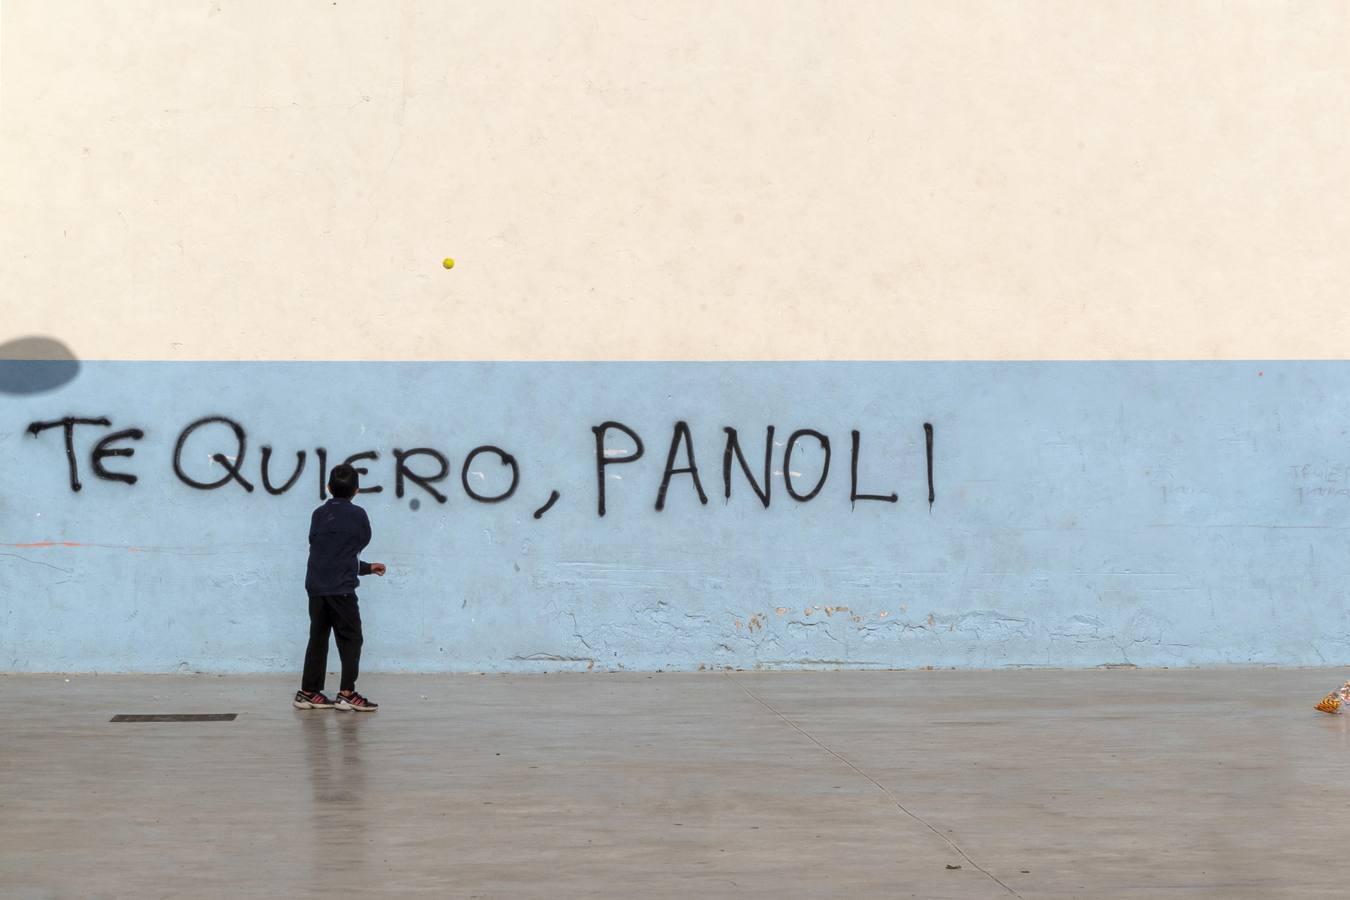 """Un niño juega con una pelota frente a una pared, en la que aparece escrita la frase """"Te quiero, Panoli"""""""